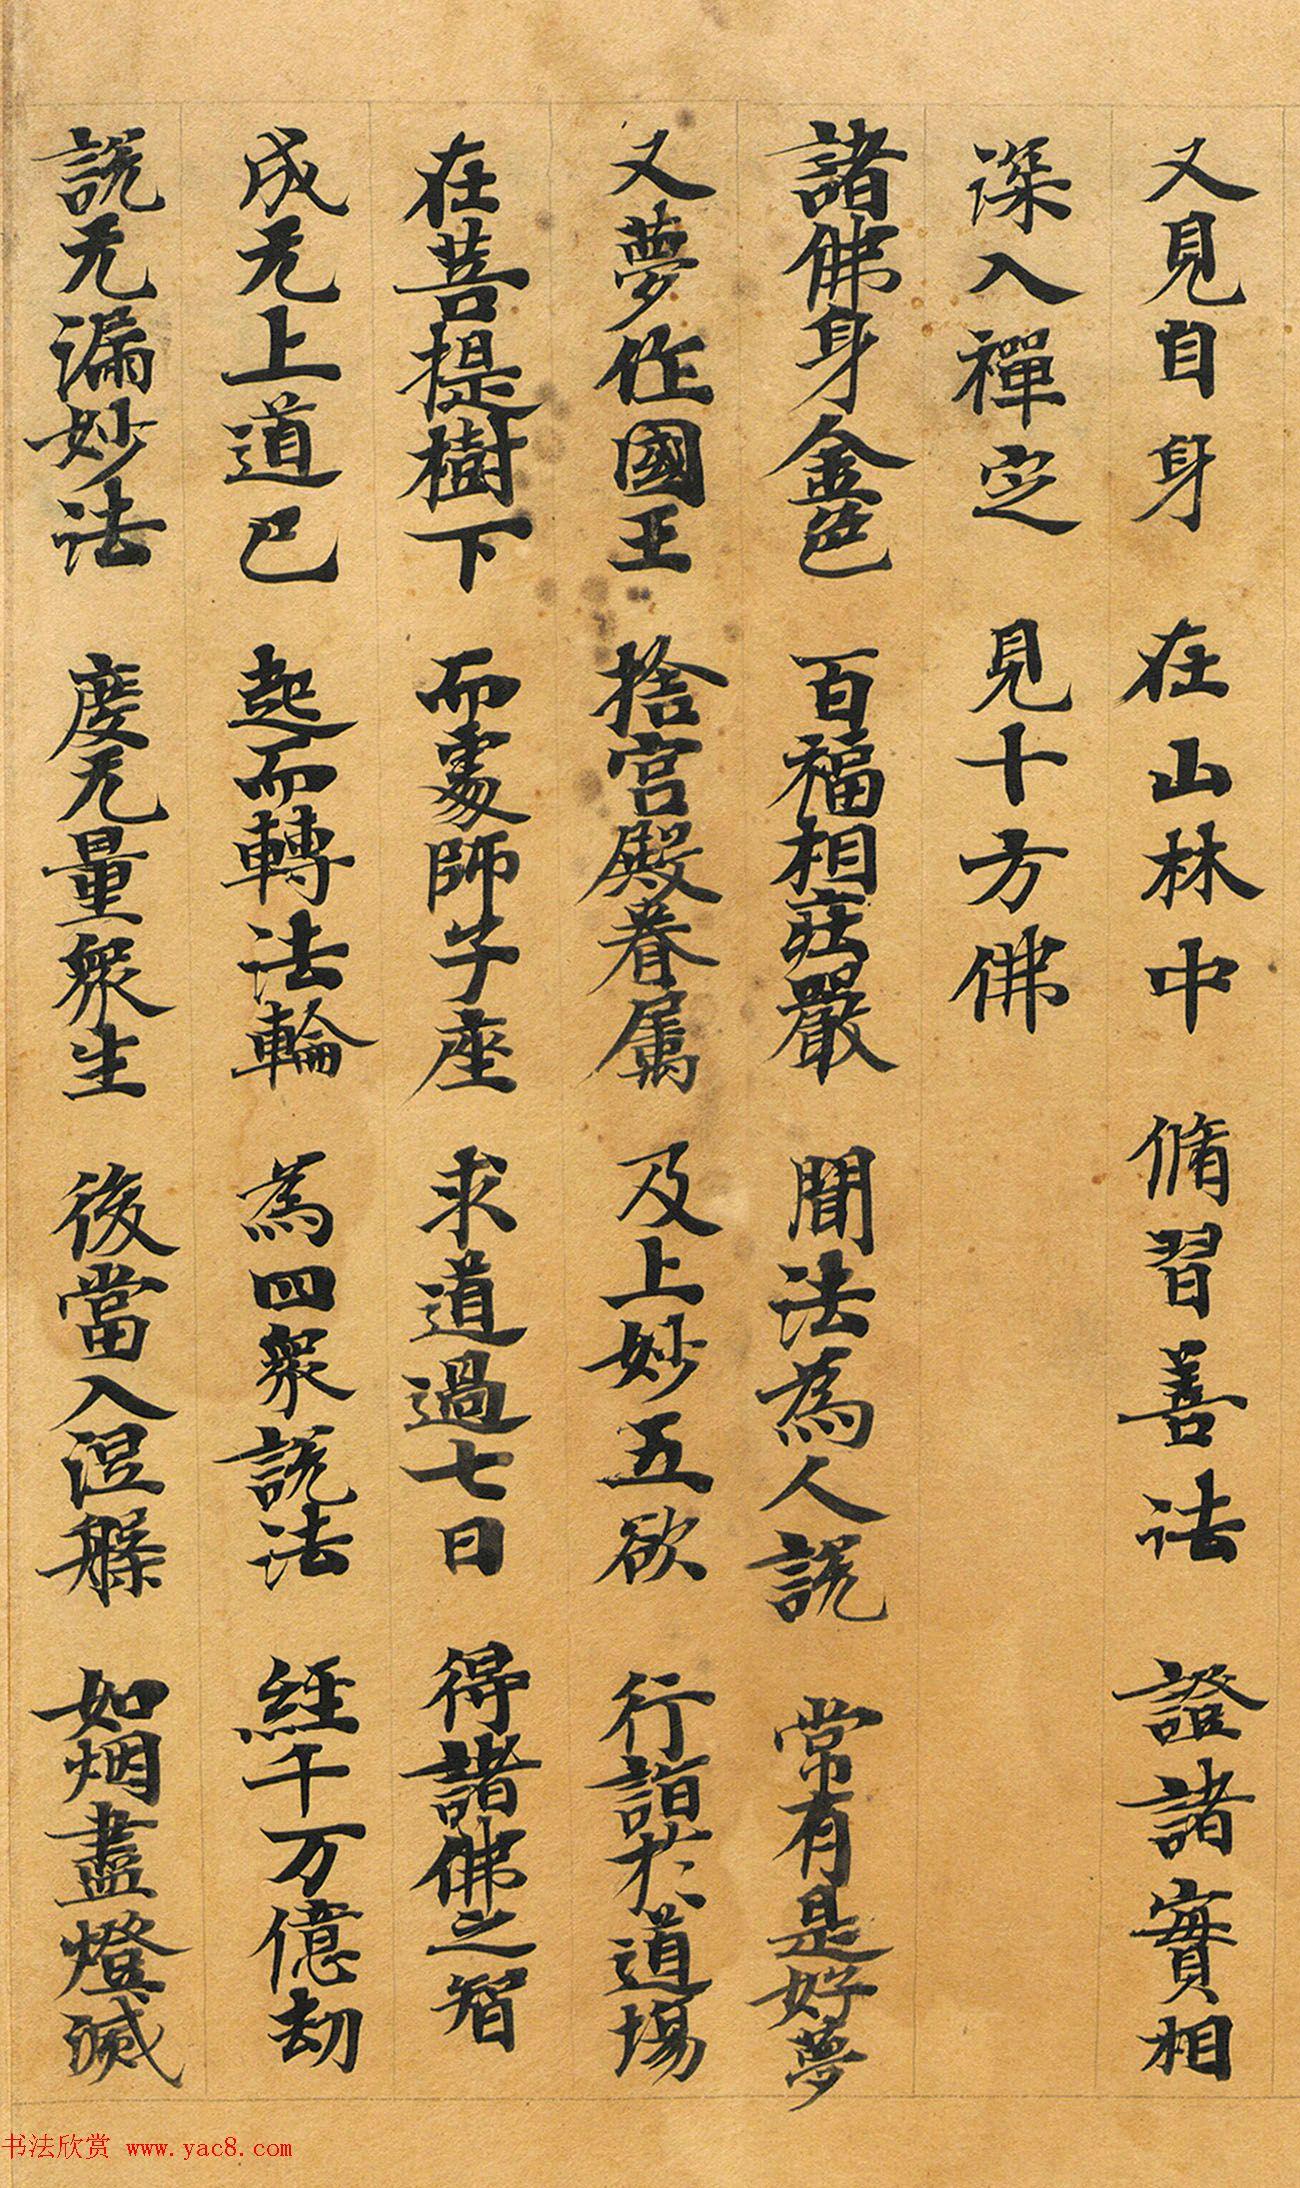 敦煌书法:法华经七喻之髻珠喻